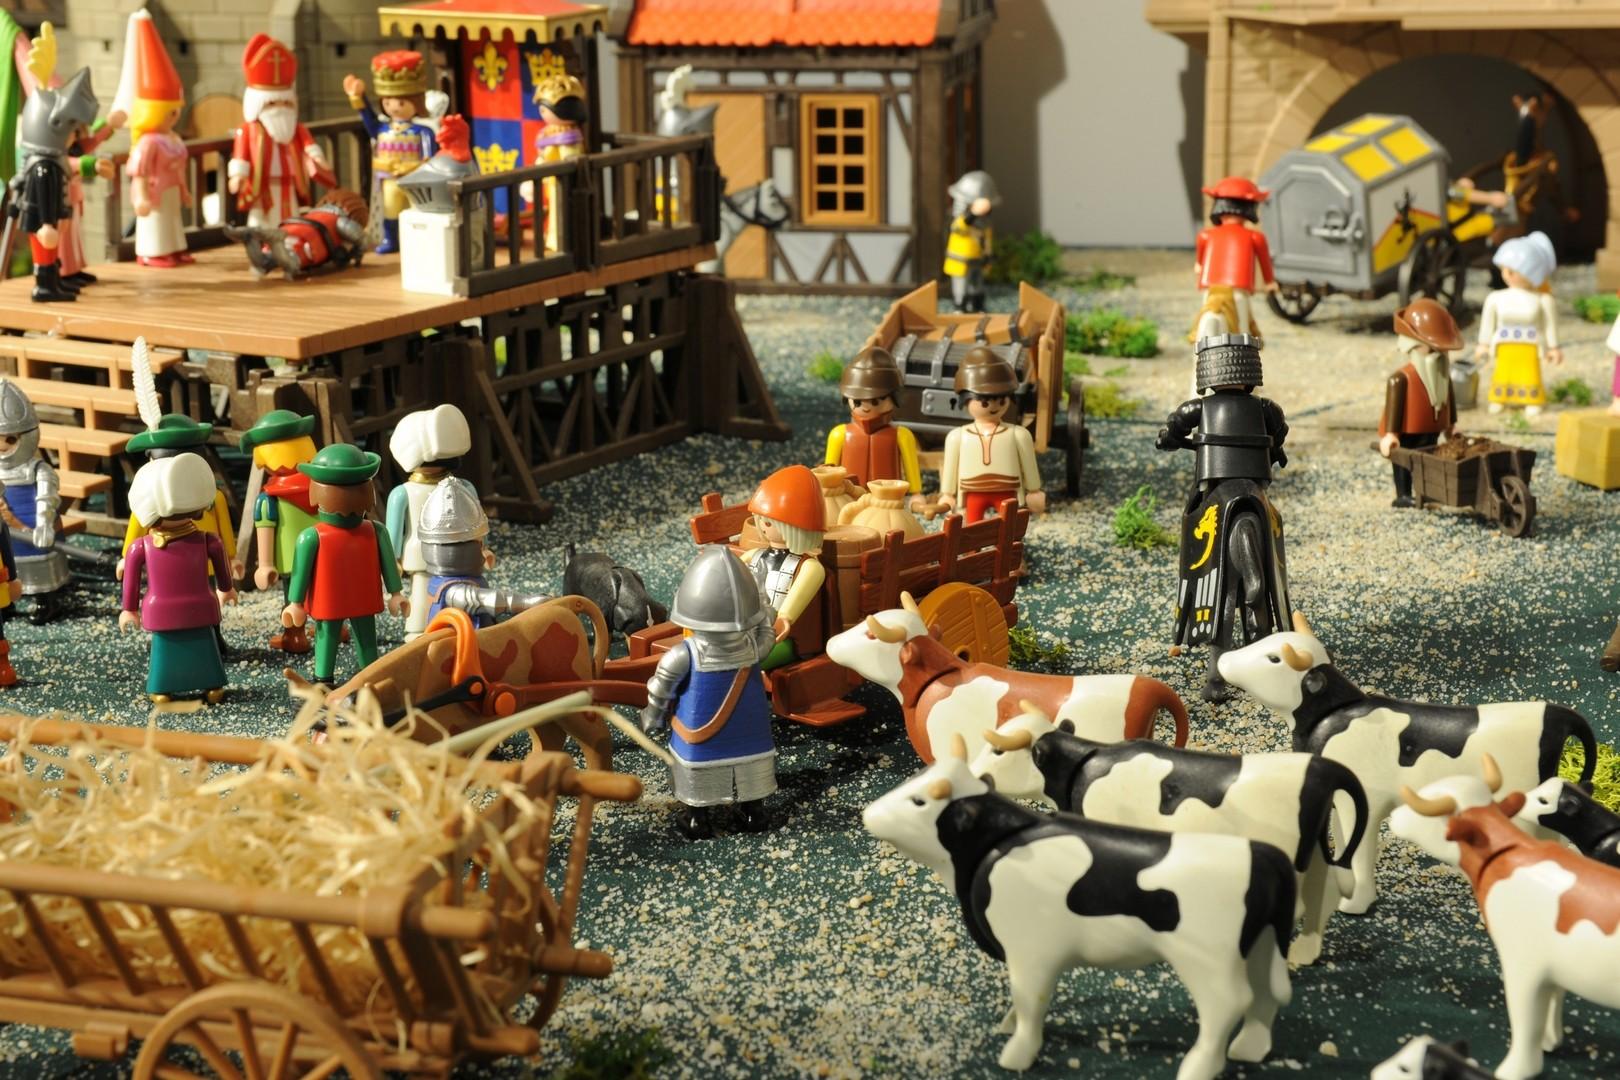 La Maréchaussée au Moyen-Age - L'ancêtre de la Gendarmerie